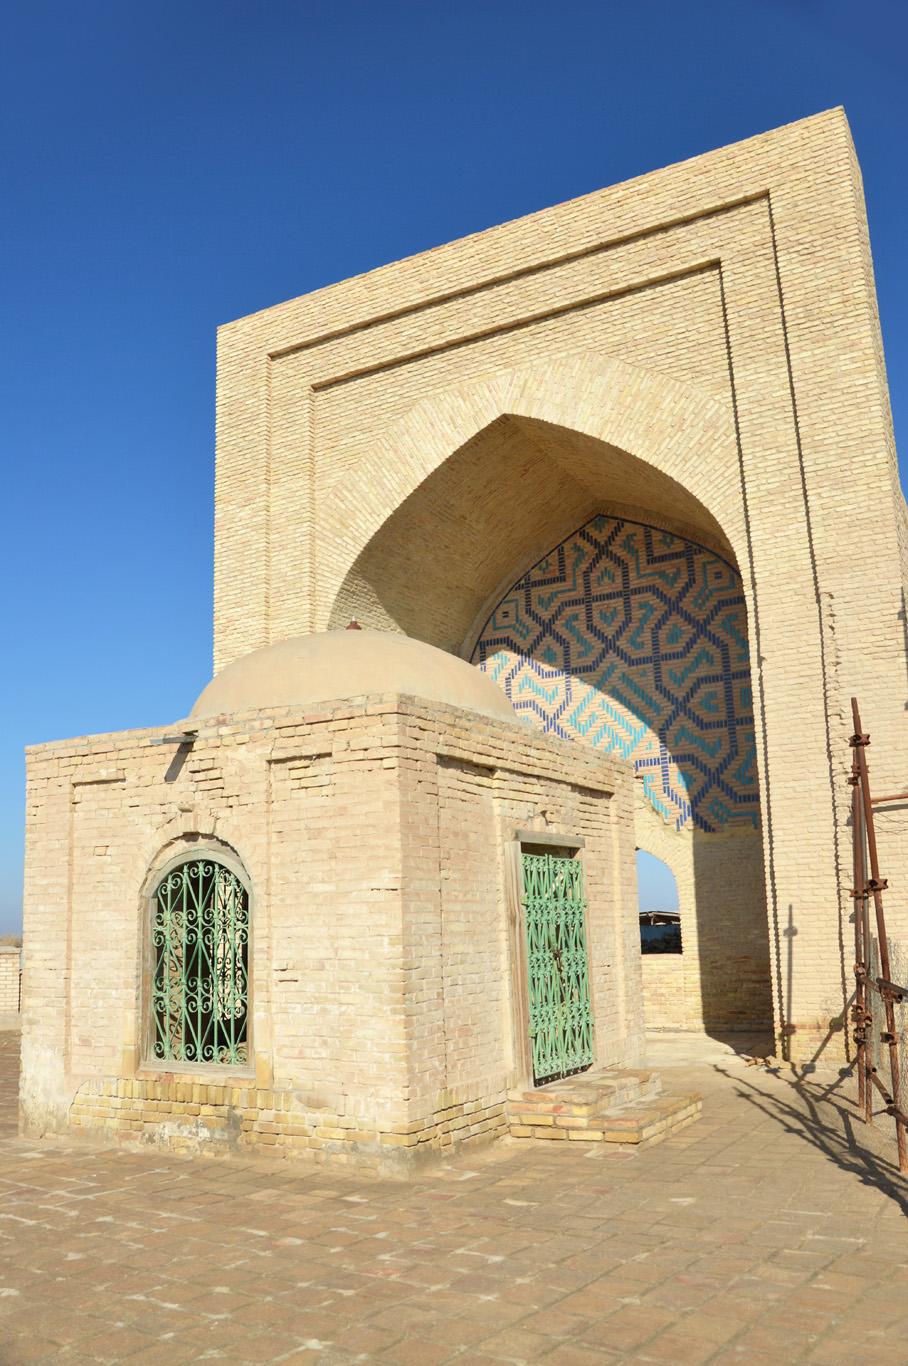 The Ashkabs mausoleum - main portal